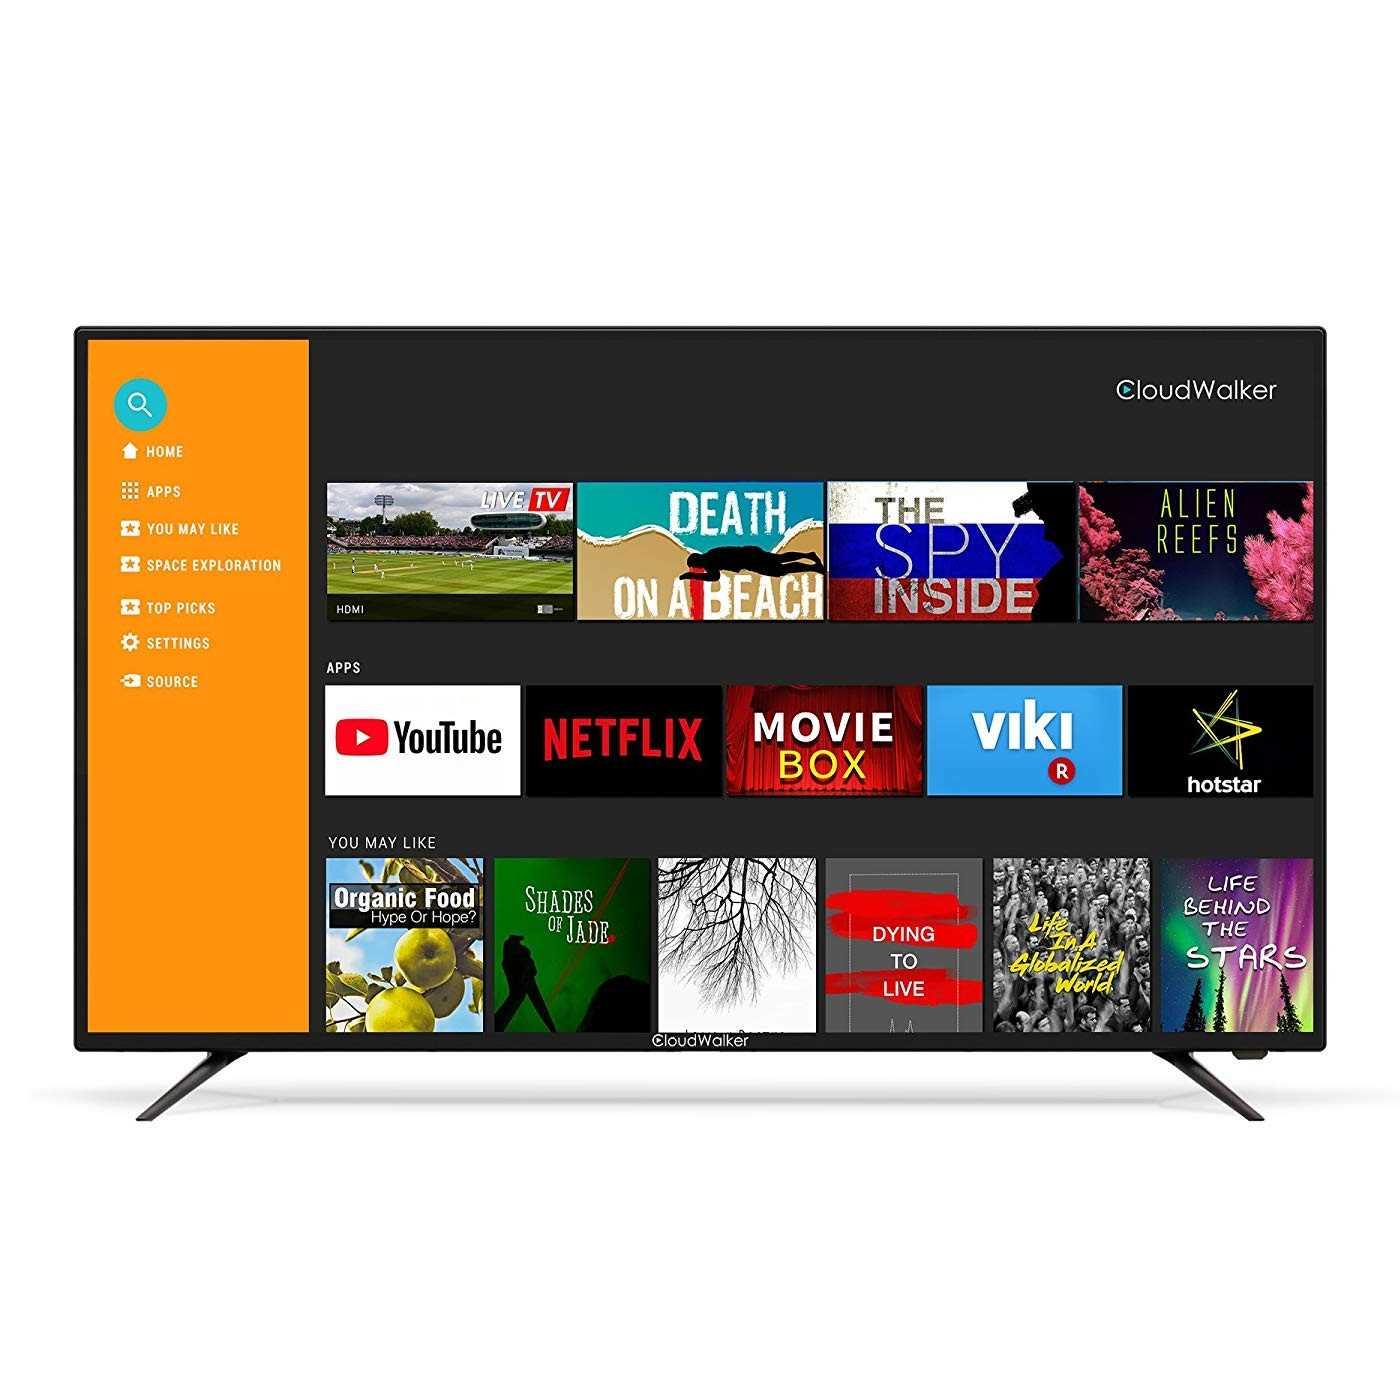 CloudWalker TV Price List {12 Aug 2019} | CloudWalker 32 inch, 40